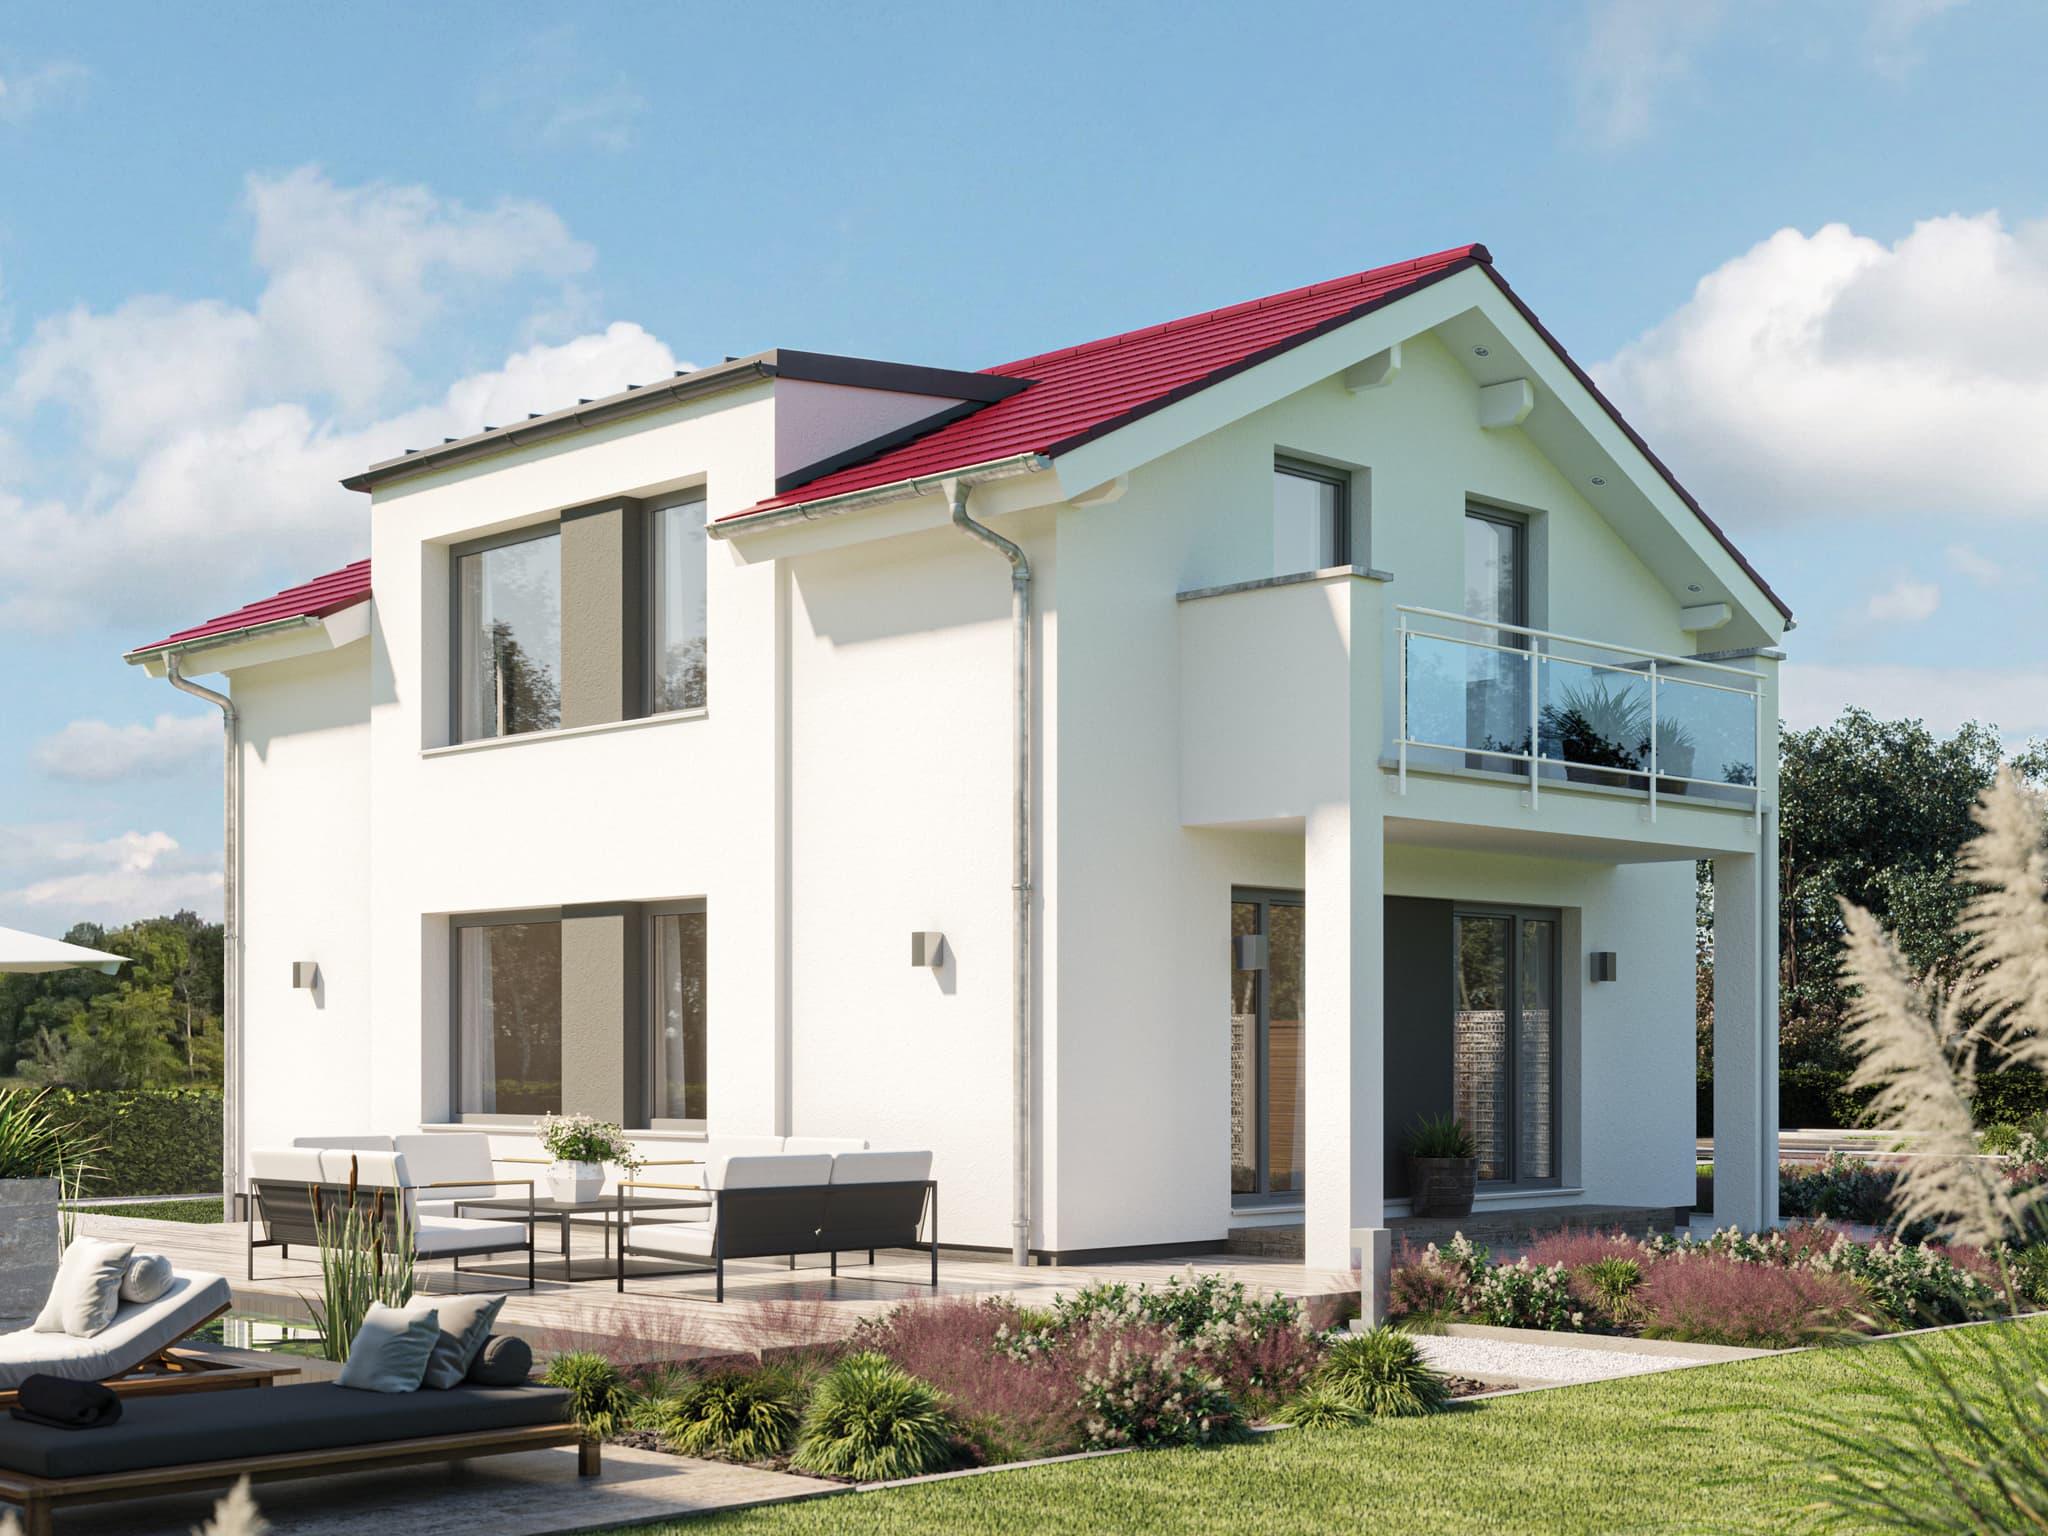 Modernes Haus mit flachem Satteldach, Zwerchgiebel & Balkon, 4 Zimmer, 120 qm - Einfamilienhaus bauen Ideen Bien Zenker Fertighaus EDITION 120 V3 - HausbauDirekt.de